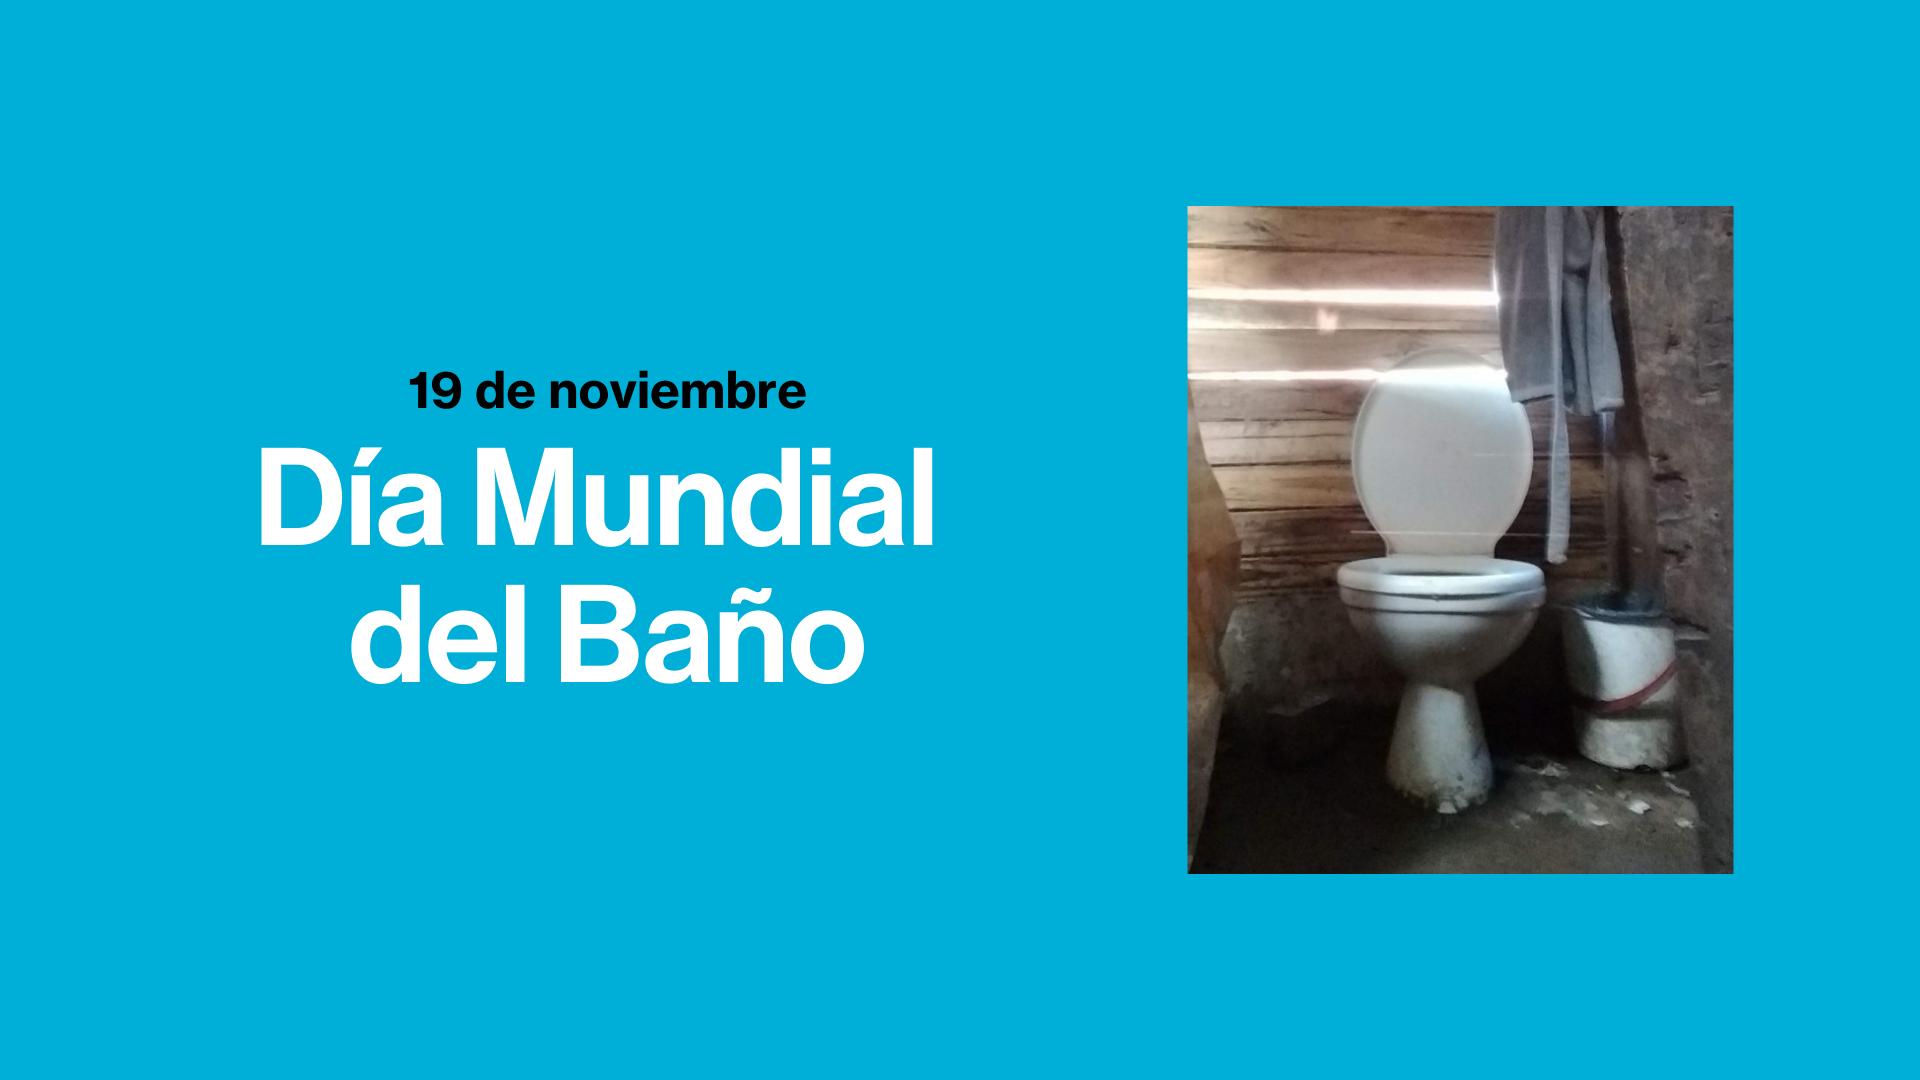 Día Mundial del Baño – 19 de noviembre 2020